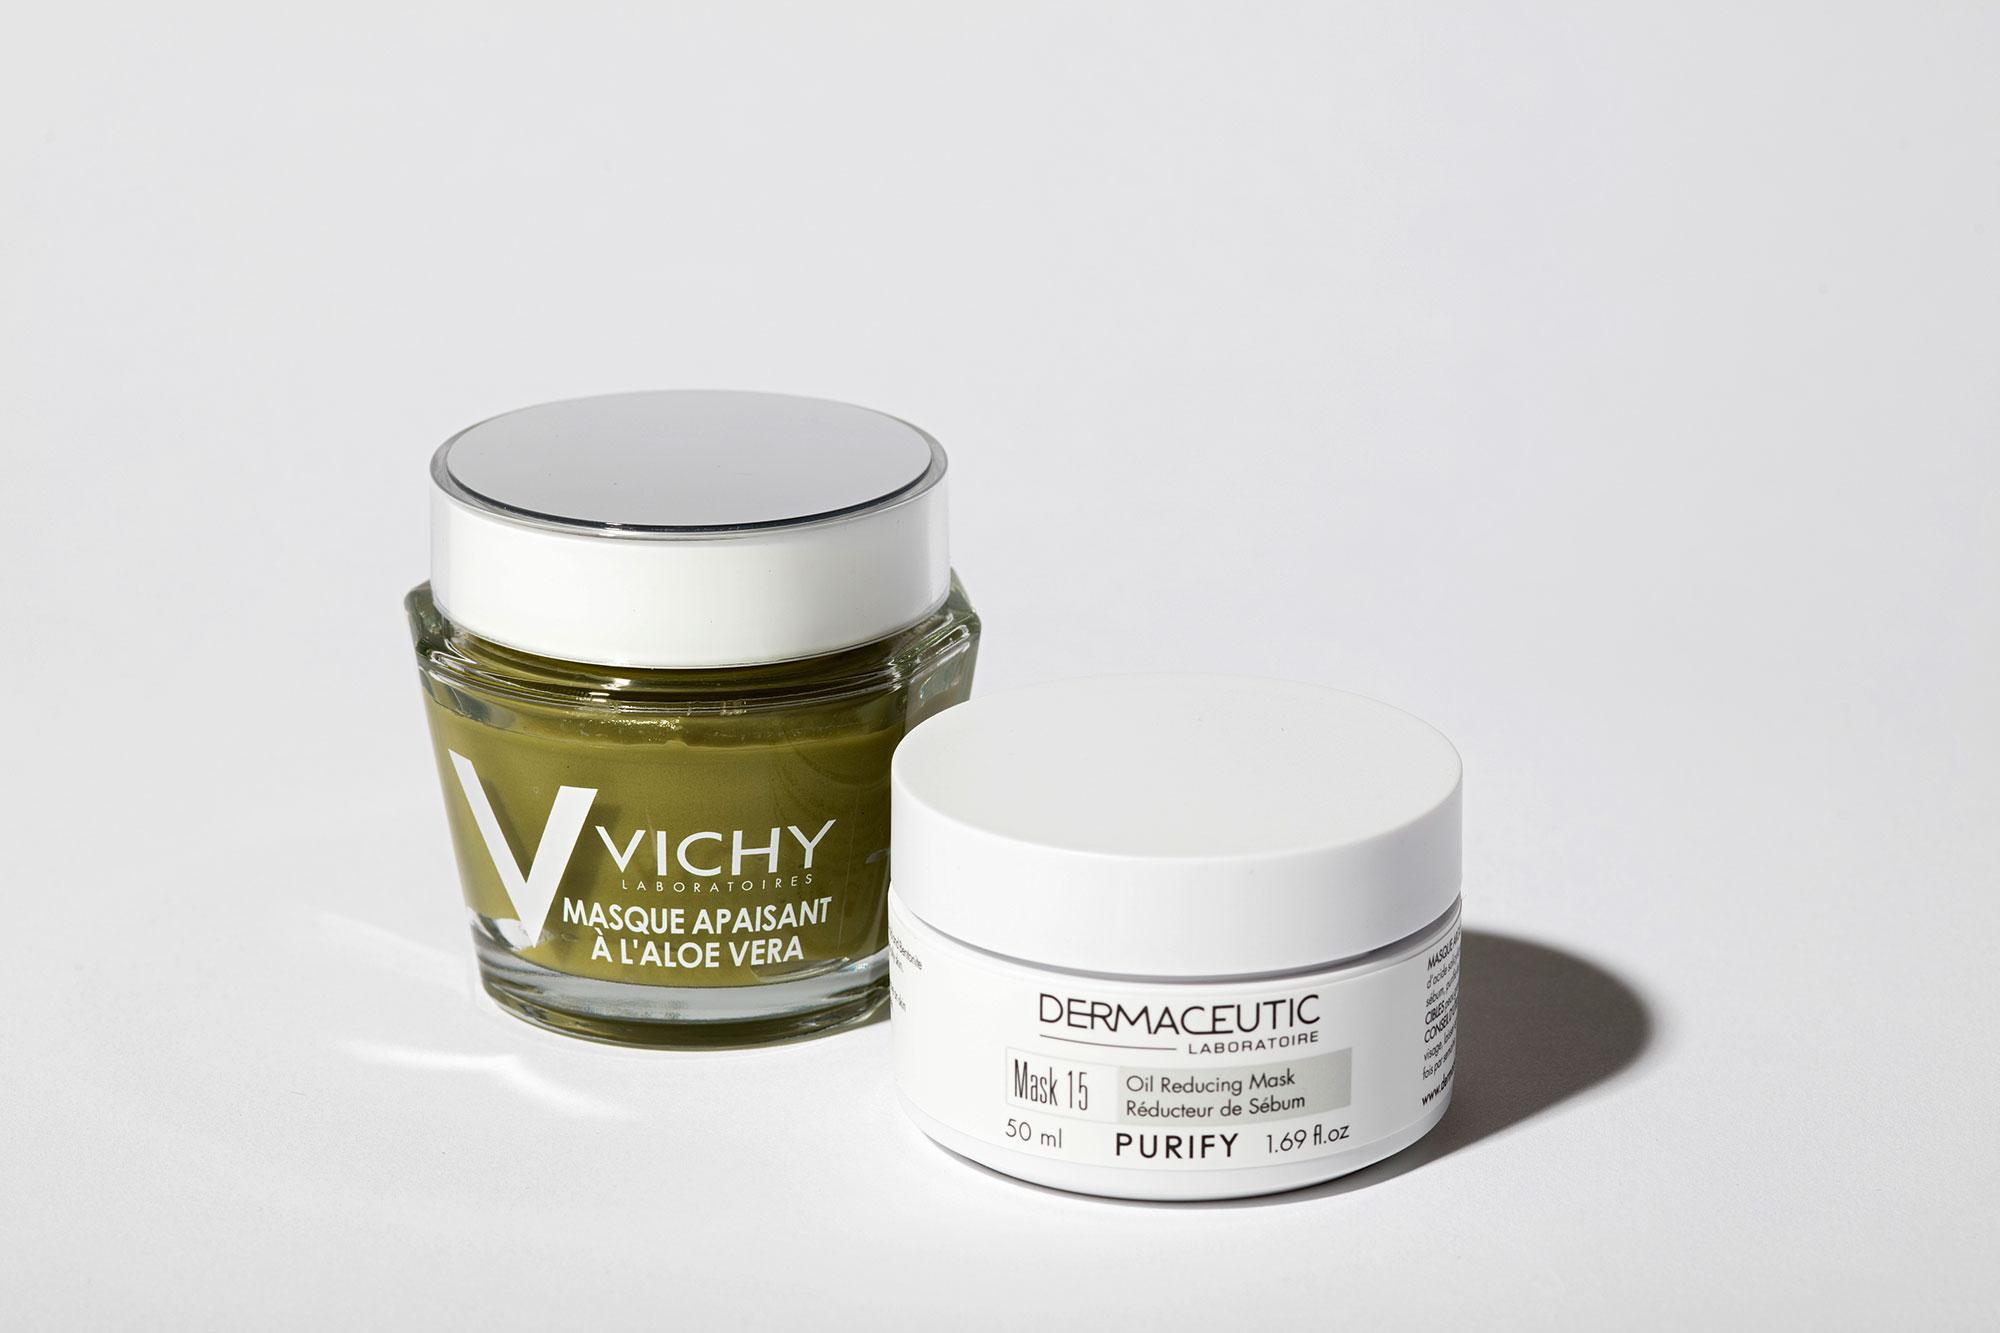 Восстанавливающая маска салоэ вера, Vichy Маска дляжирной кожи, Oil Reducing Mask 15, Dermaceutic